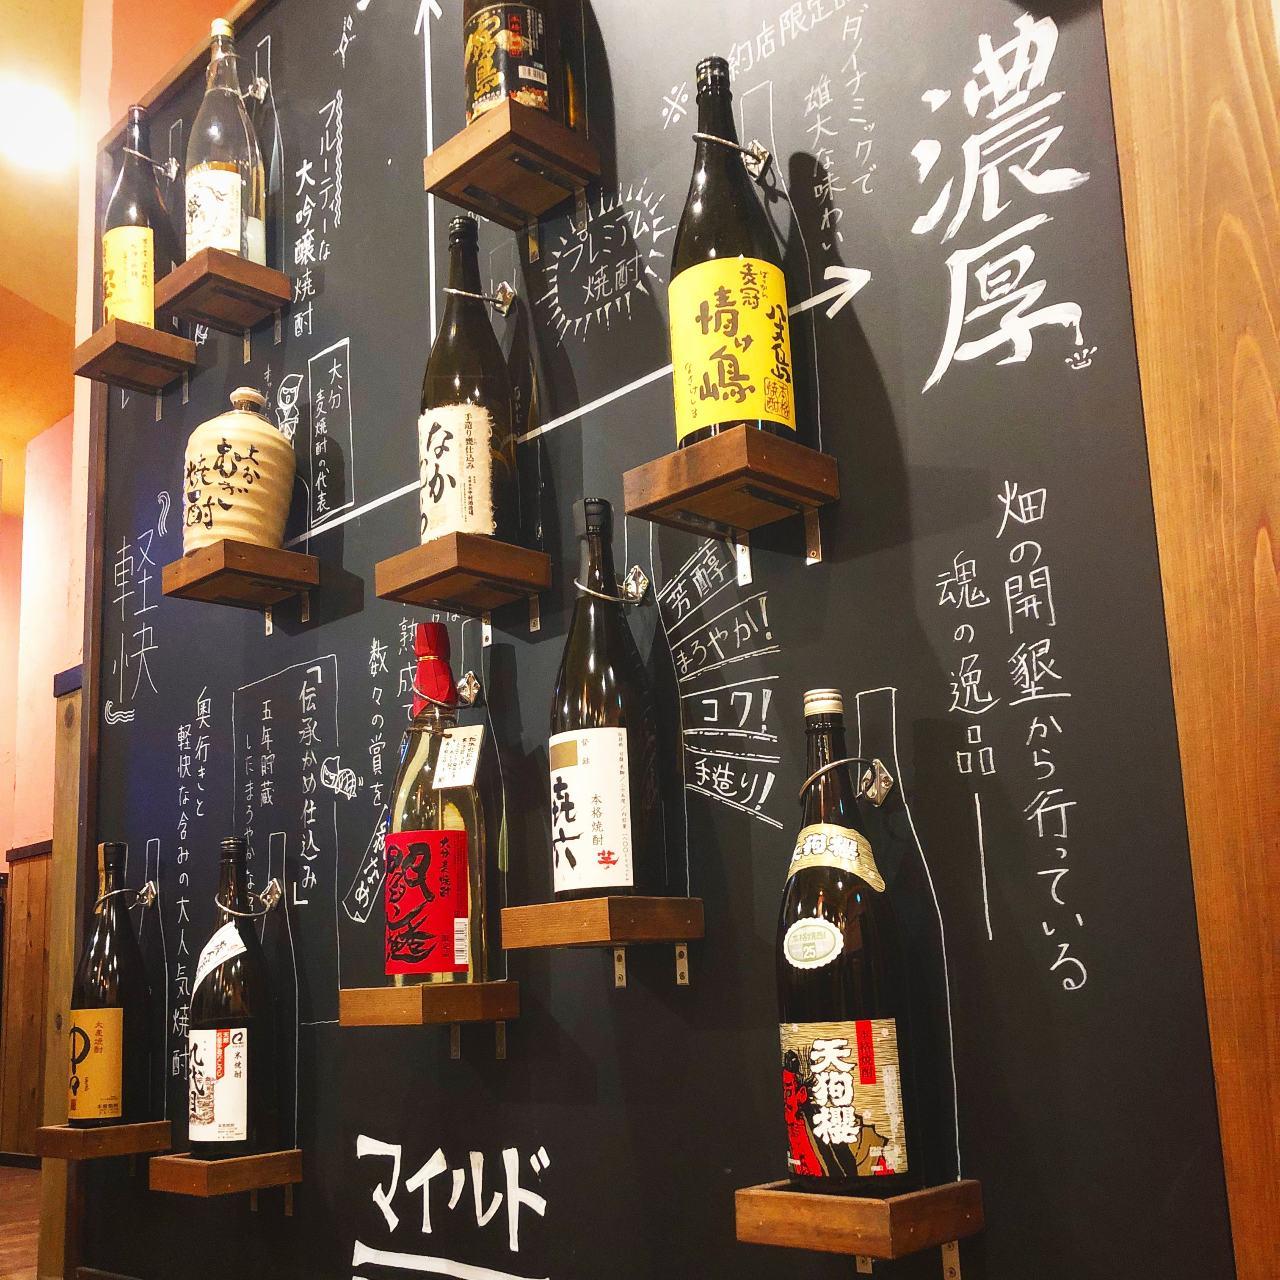 本格焼酎に加え、日替わり日本酒・ワインまでも飲み放題。